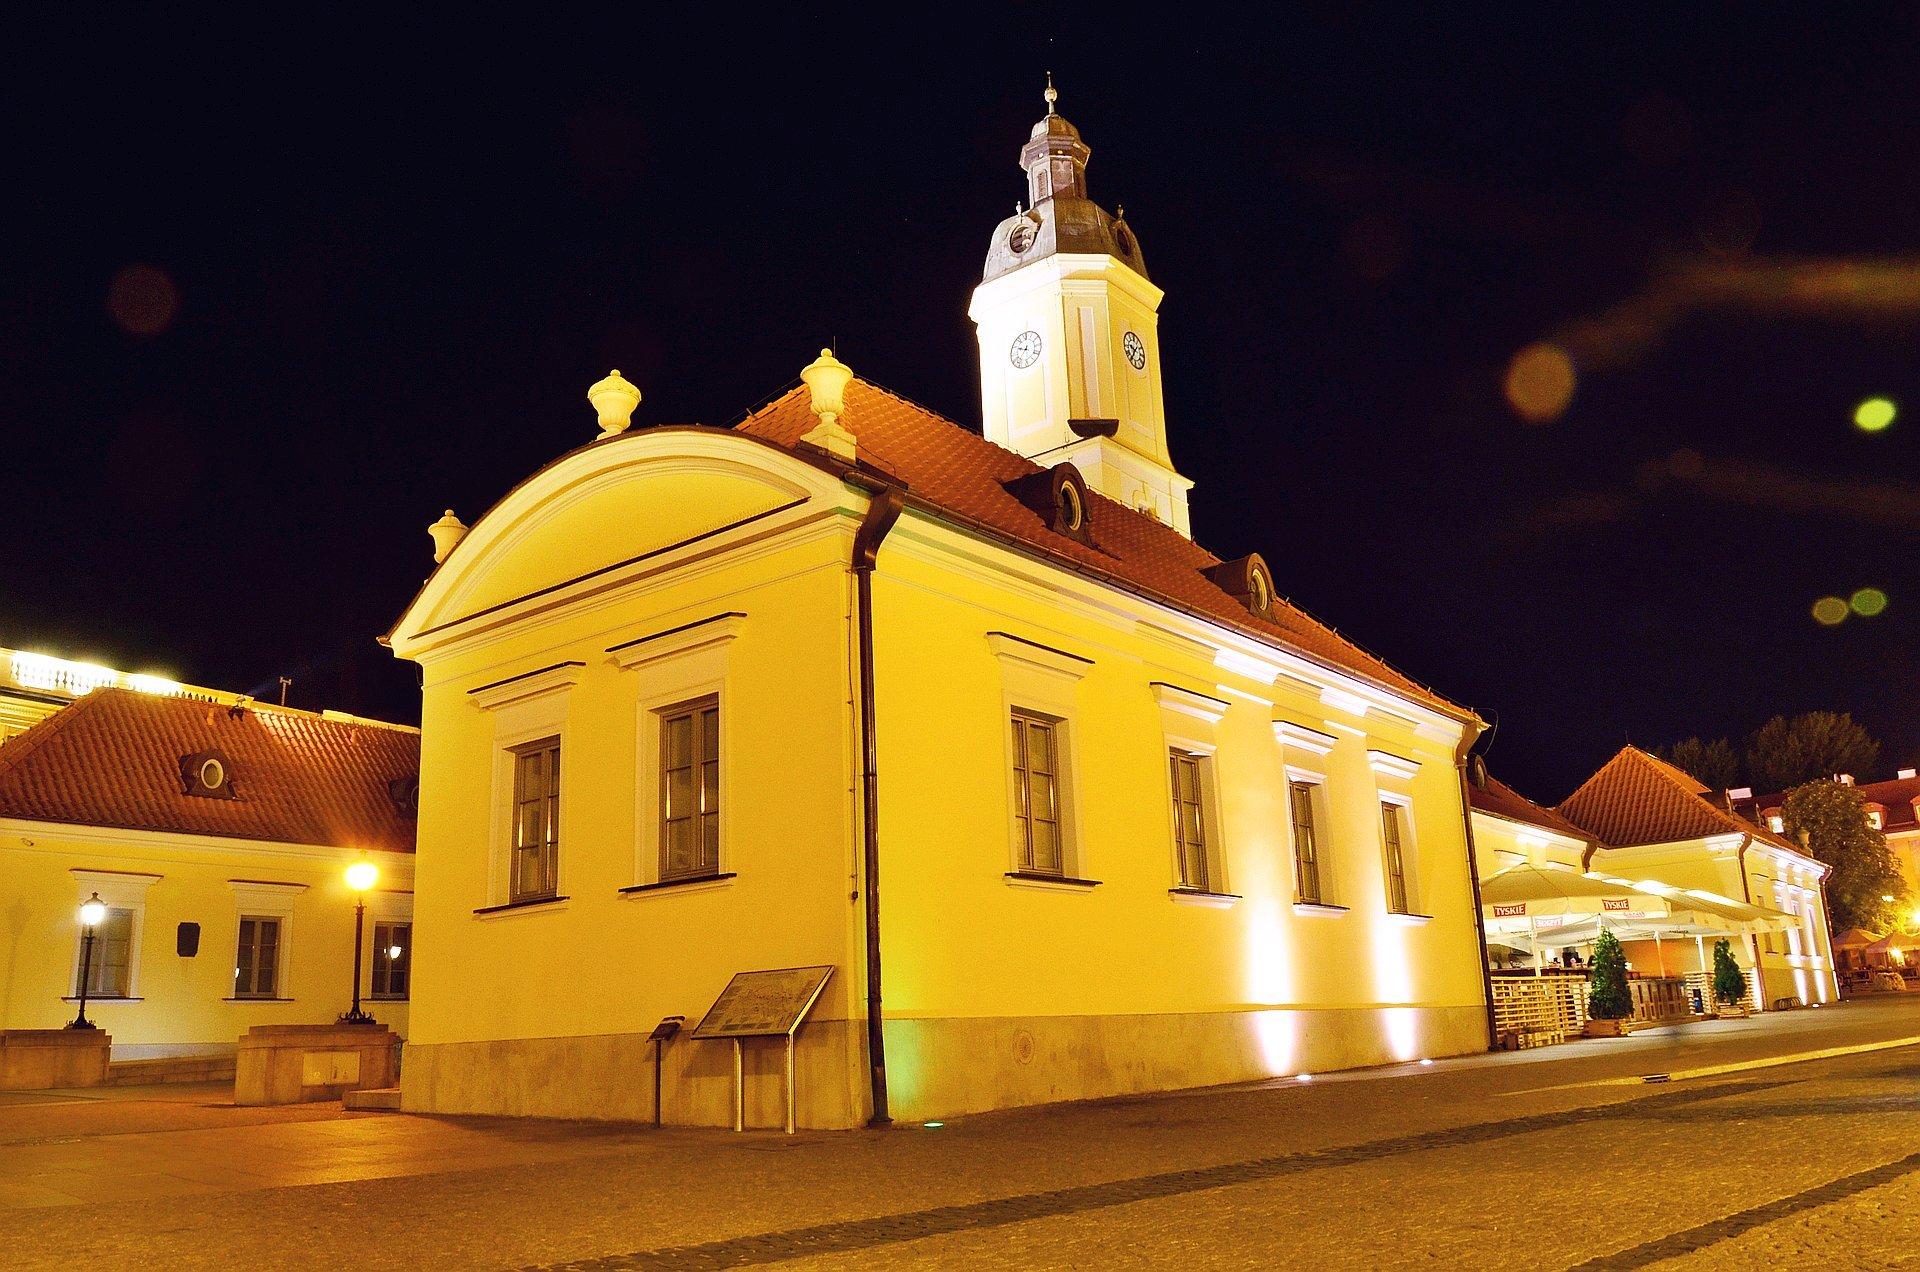 Białystok centrum noc nocą Rynek Kościuszki ratuszfree photo darmowe zdjęcie